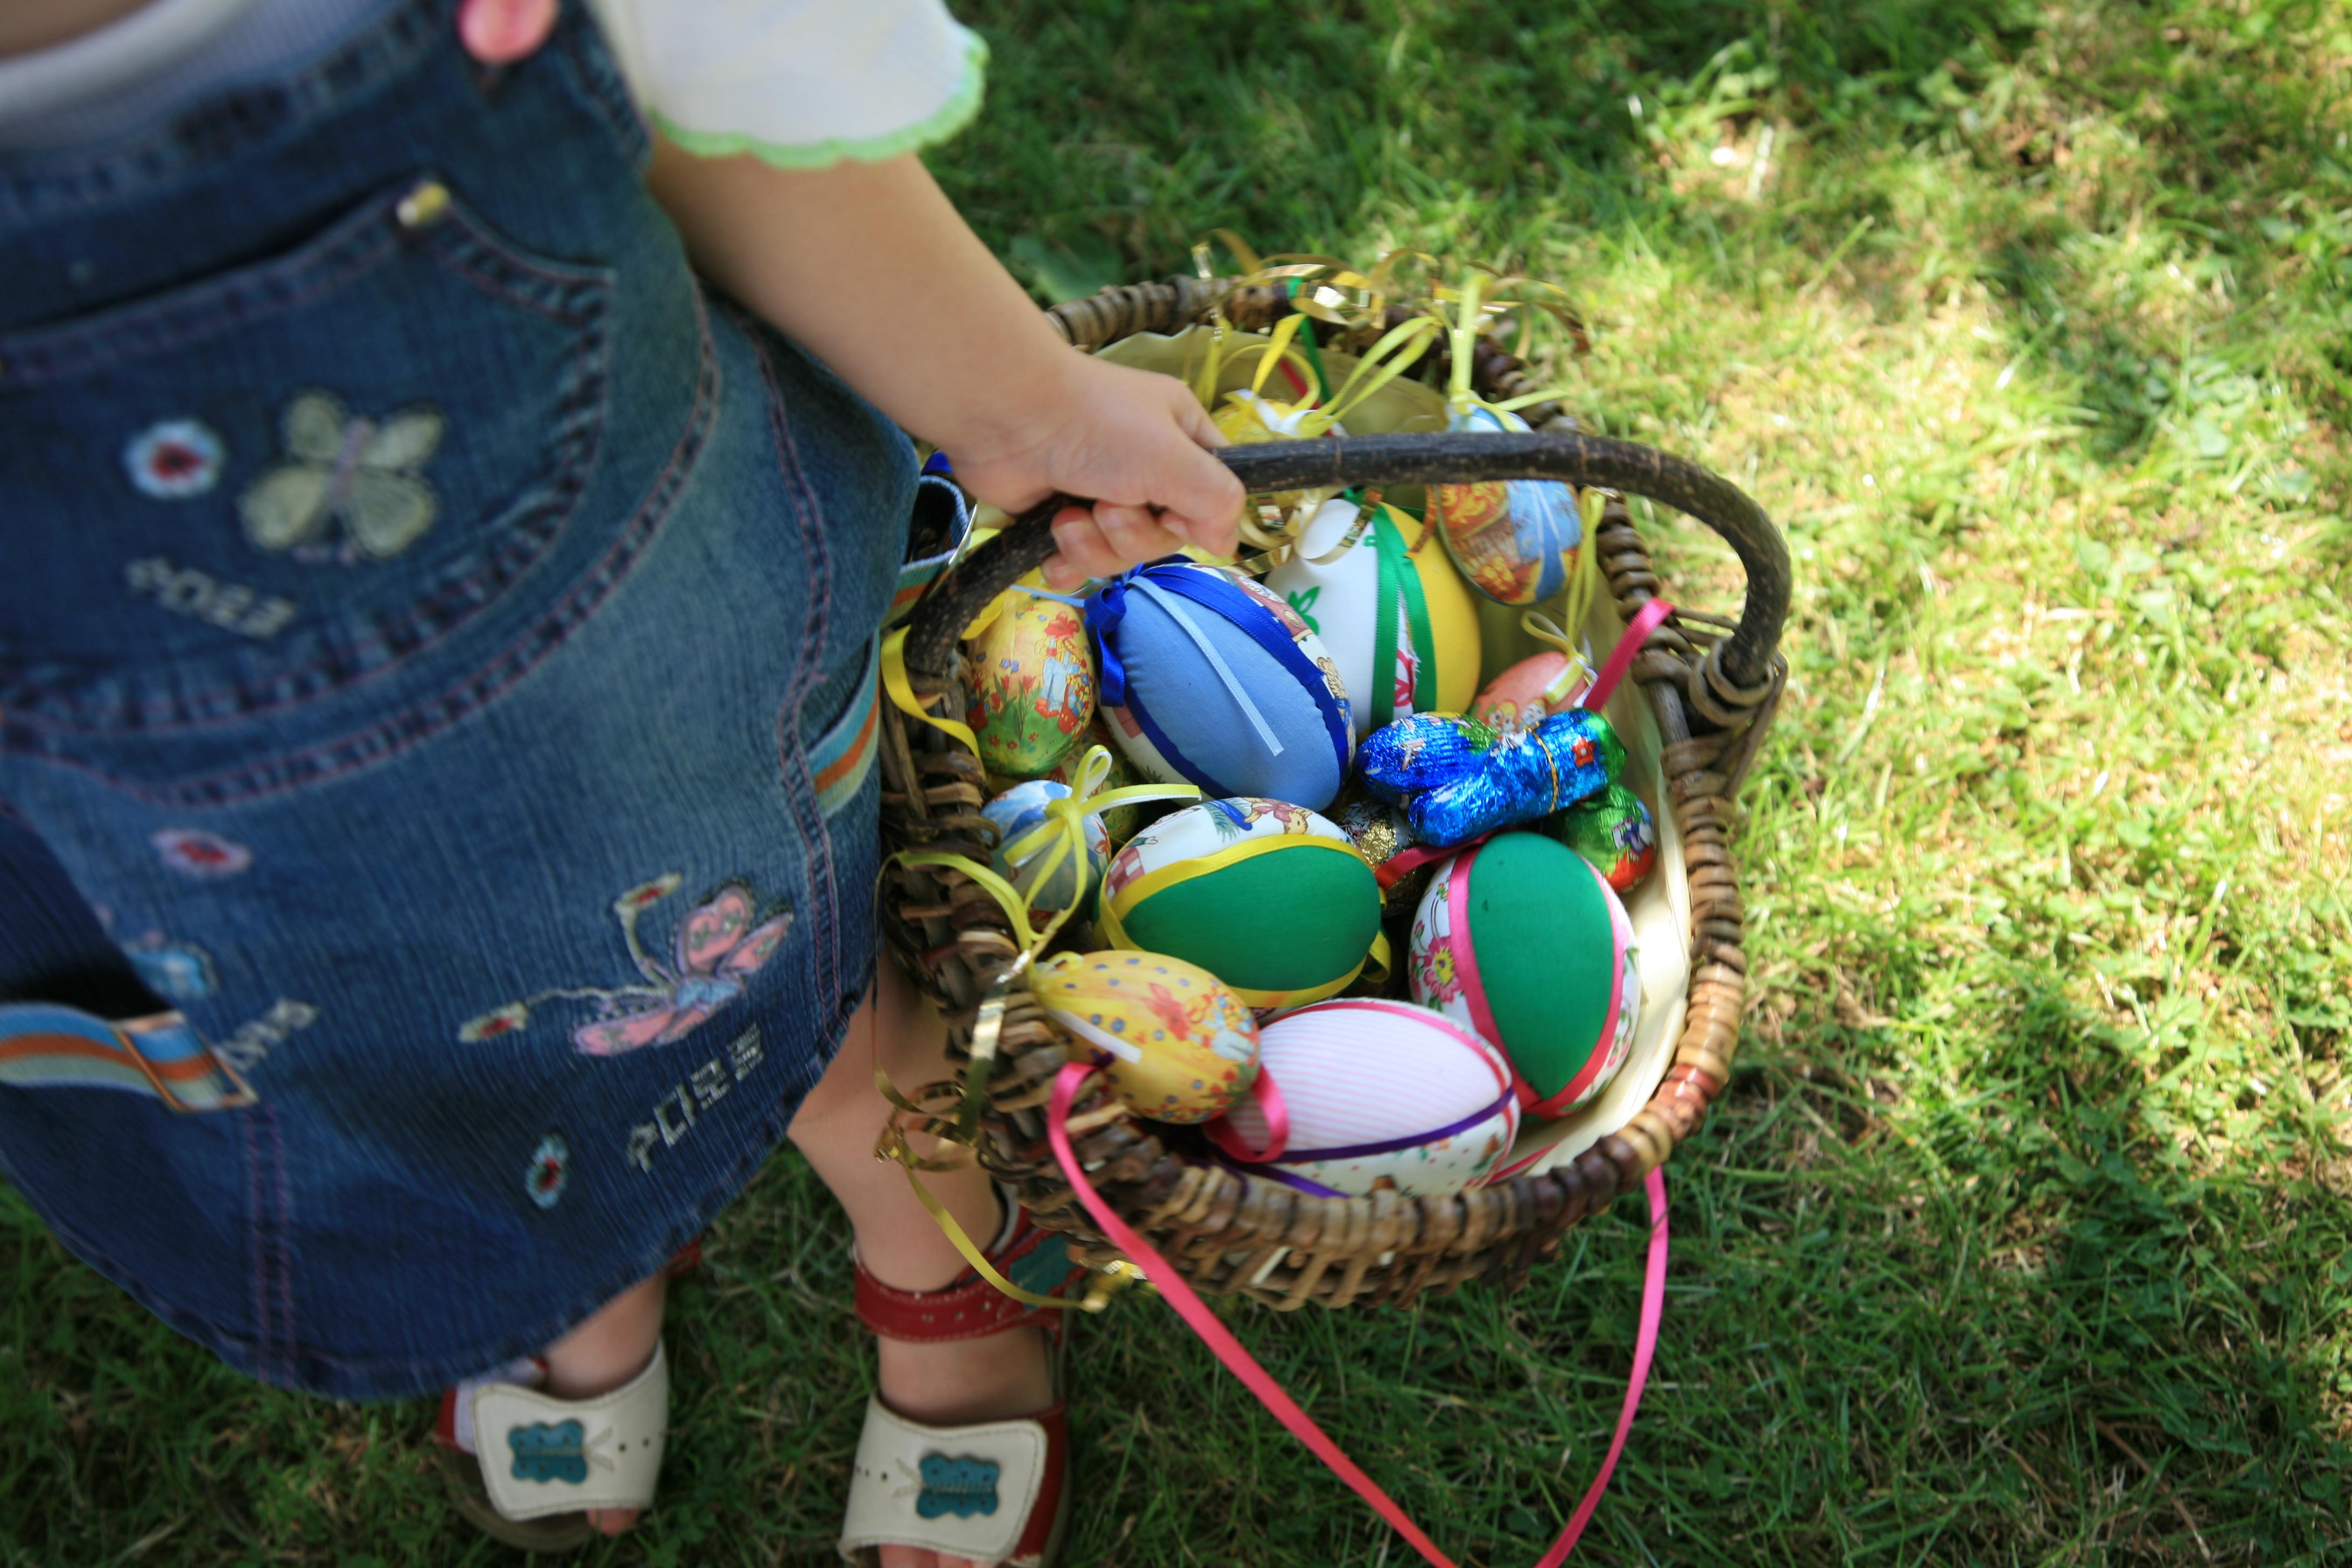 Chasse aux oeufs de Pâques pour enfants près de Lyon